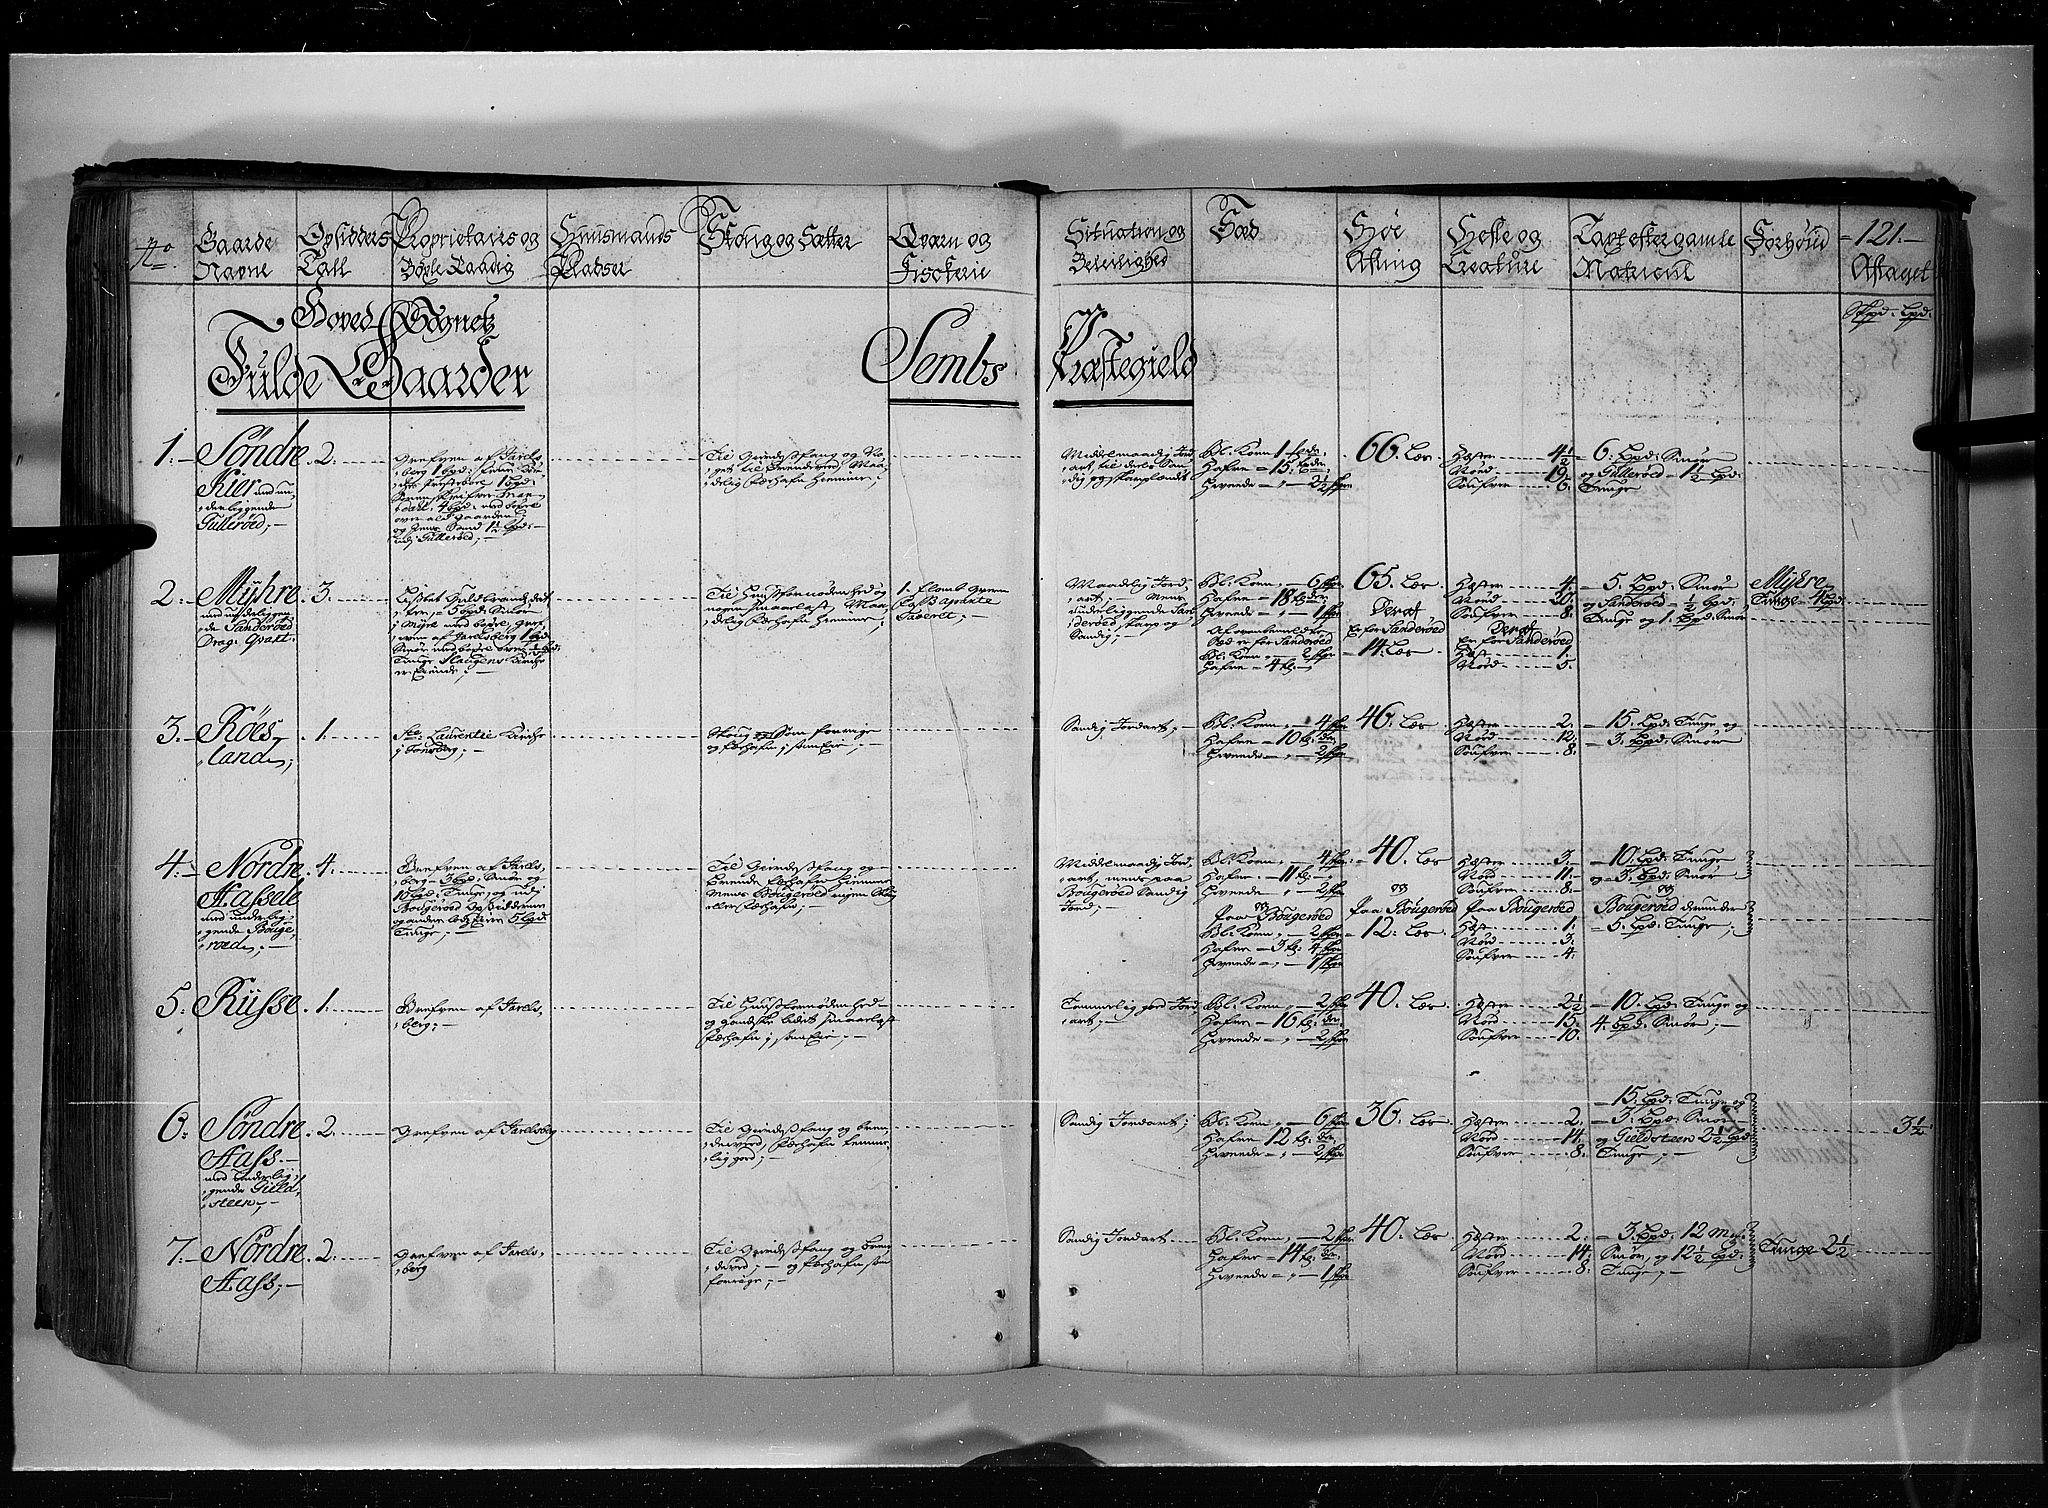 RA, Rentekammeret inntil 1814, Realistisk ordnet avdeling, N/Nb/Nbf/L0115: Jarlsberg grevskap eksaminasjonsprotokoll, 1723, s. 120b-121a